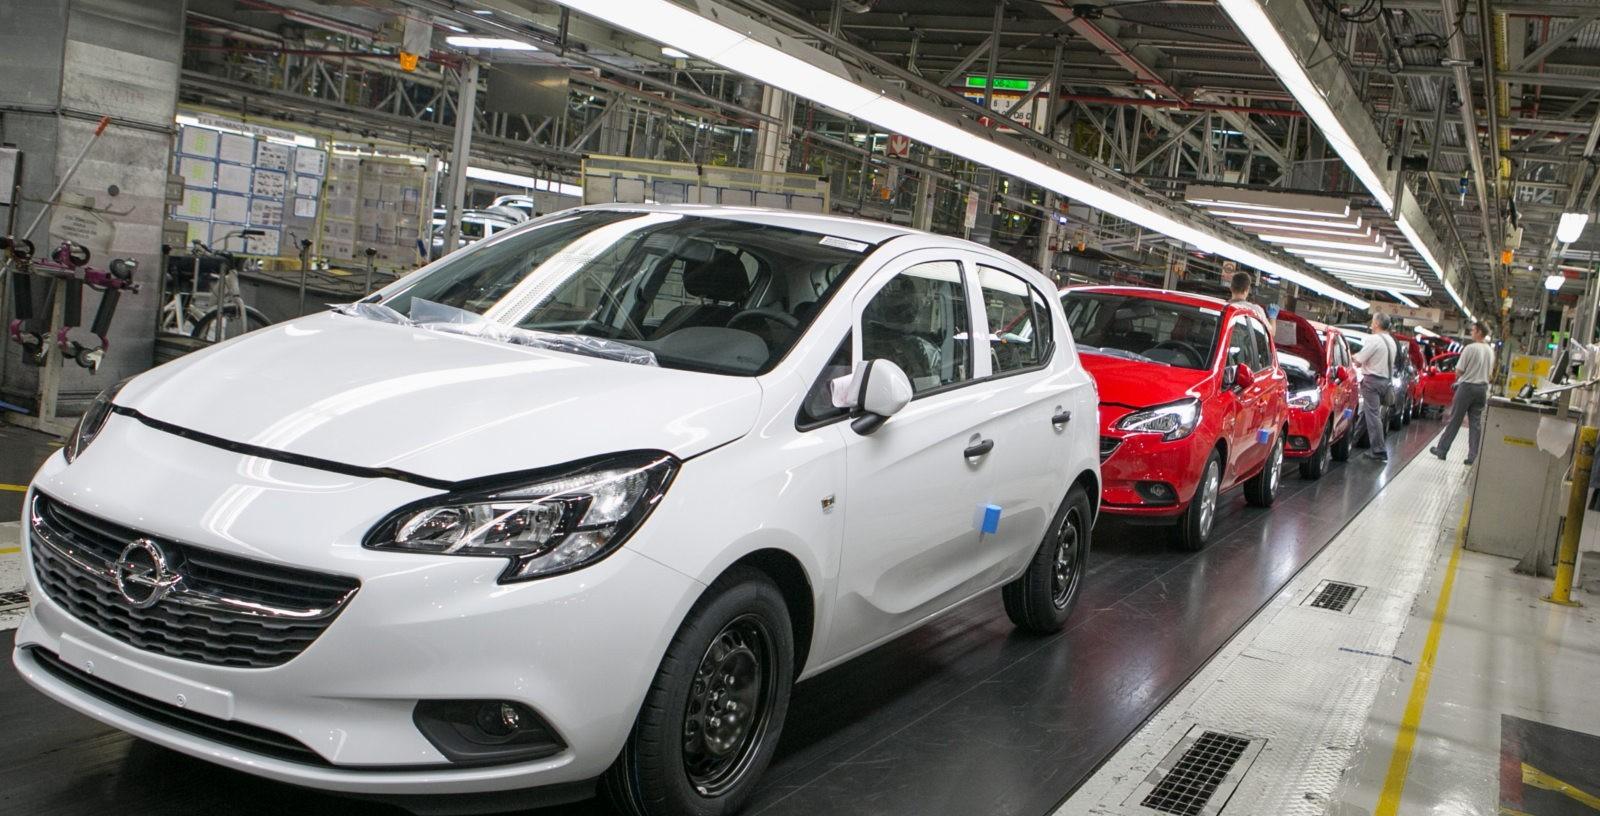 Automotive_Plant_PSA-OPEL_Zaragoza_IDOM_04